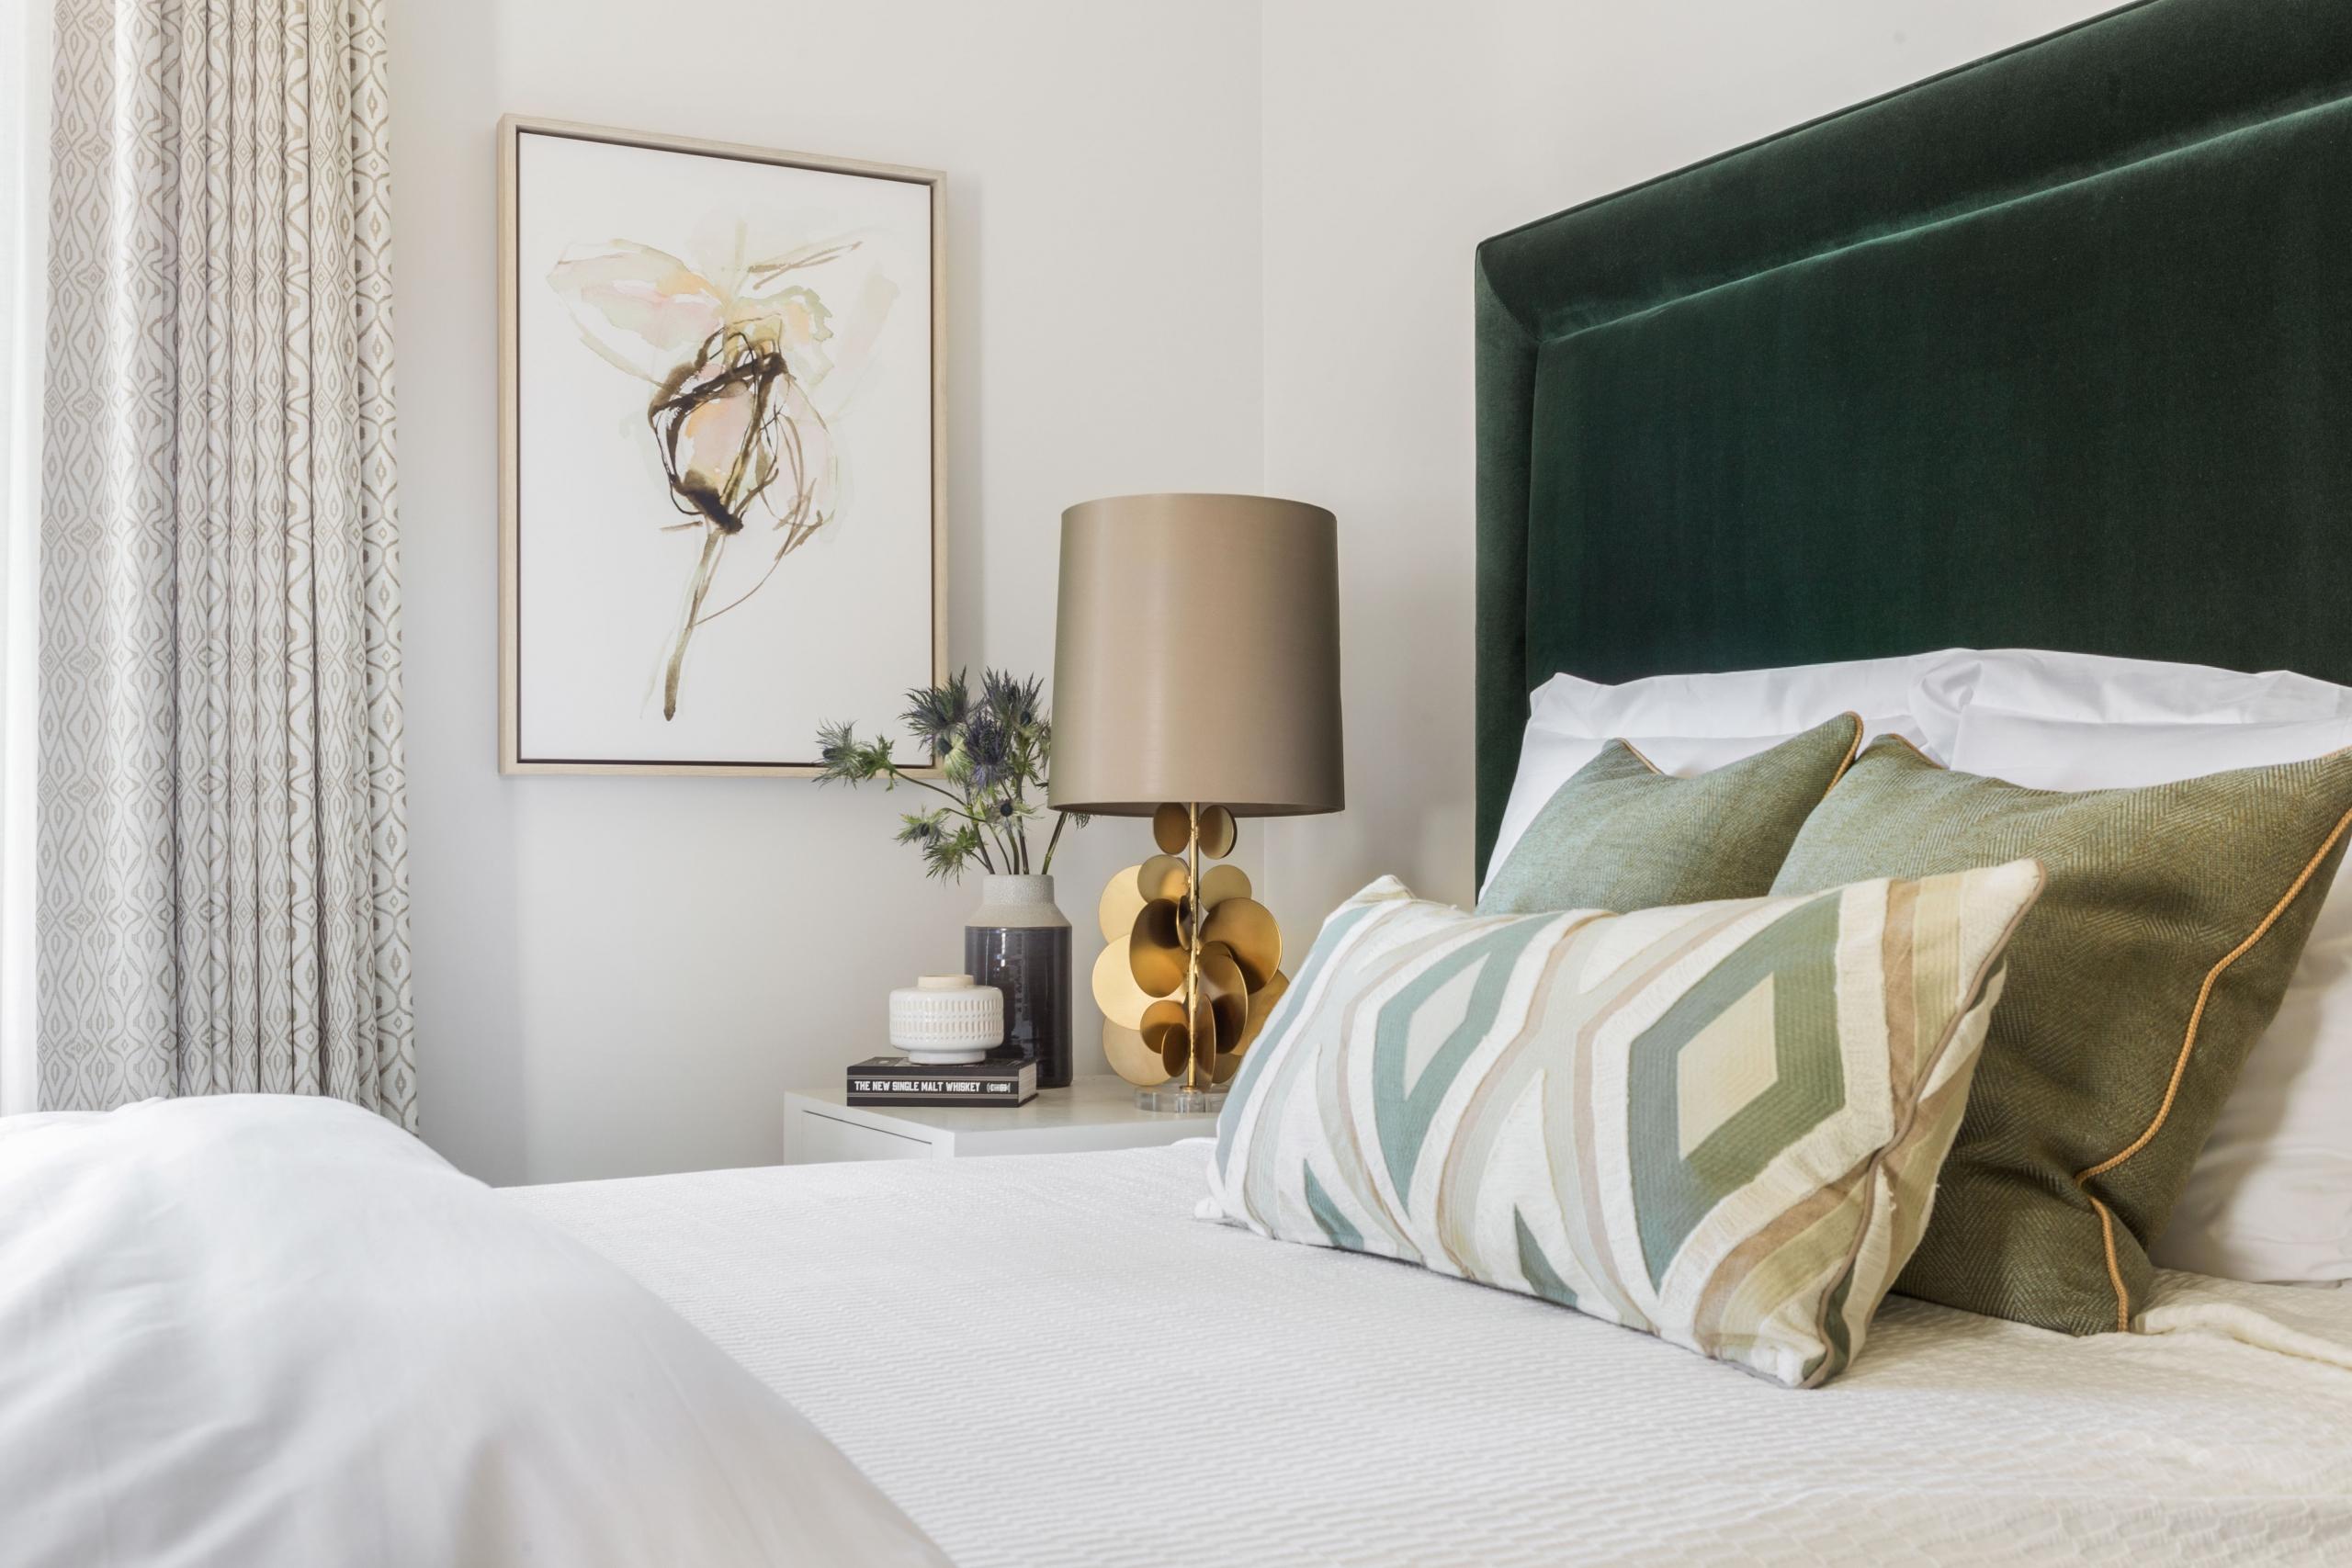 Green neutral velvet upholstered lamp on a nightstand